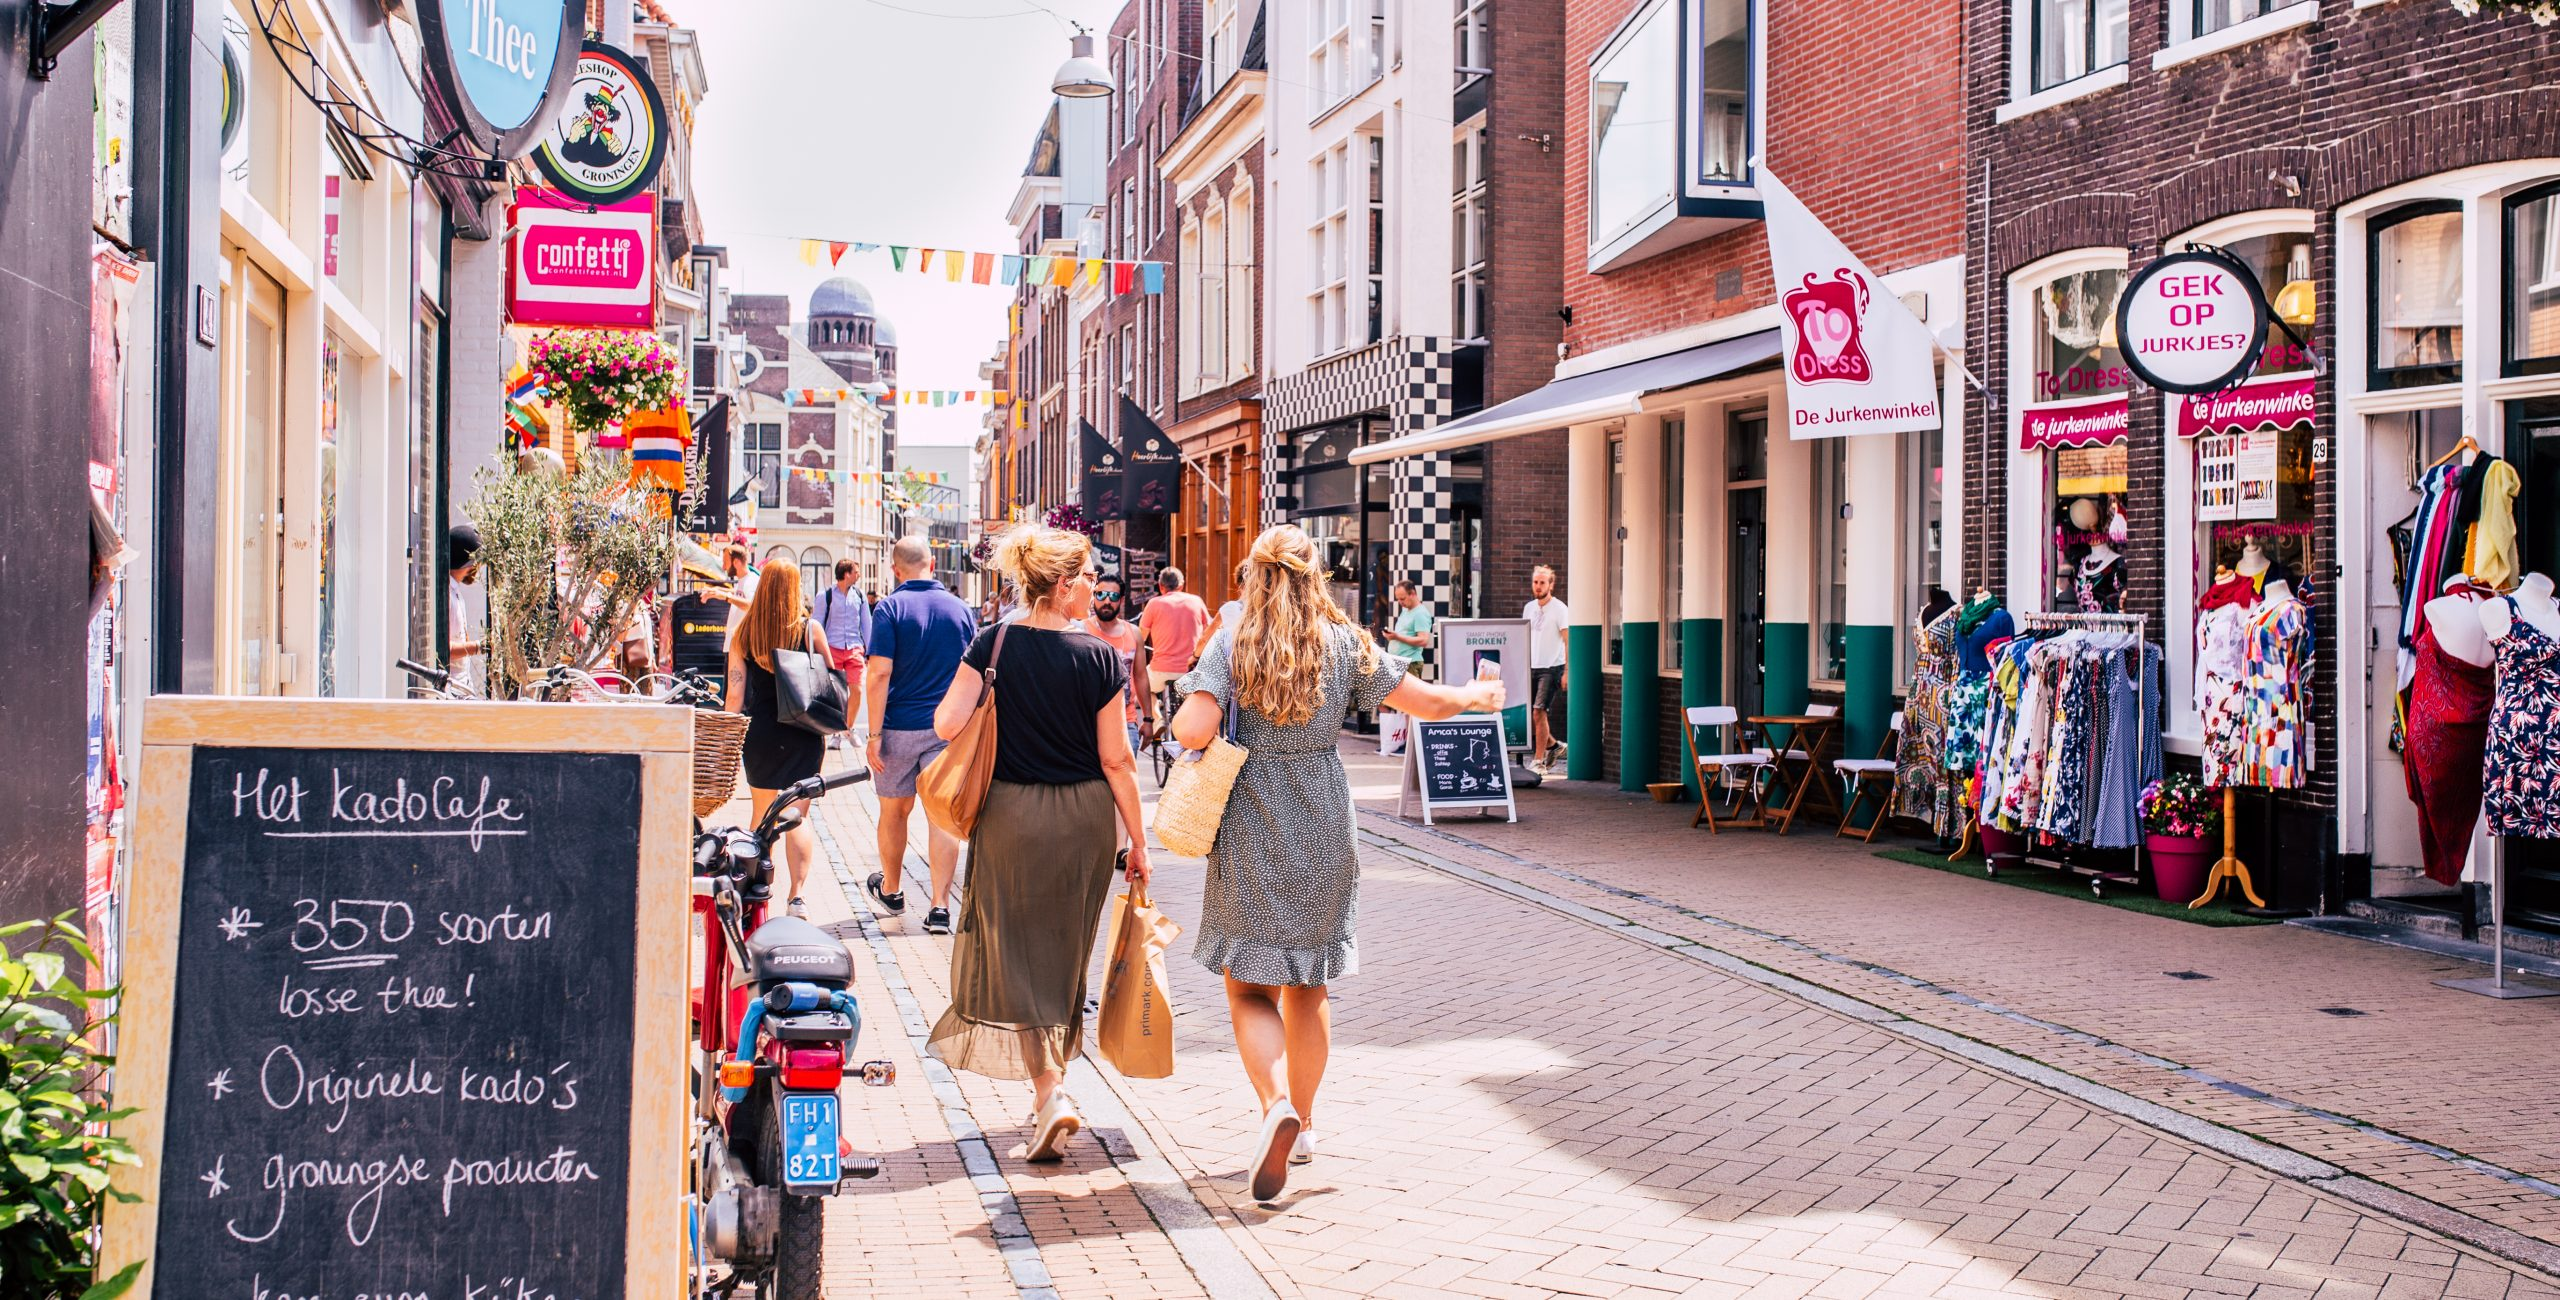 Personeelsreis Groningen. Het is heerlijk shoppen met een veelzijdig winkelaanbod!